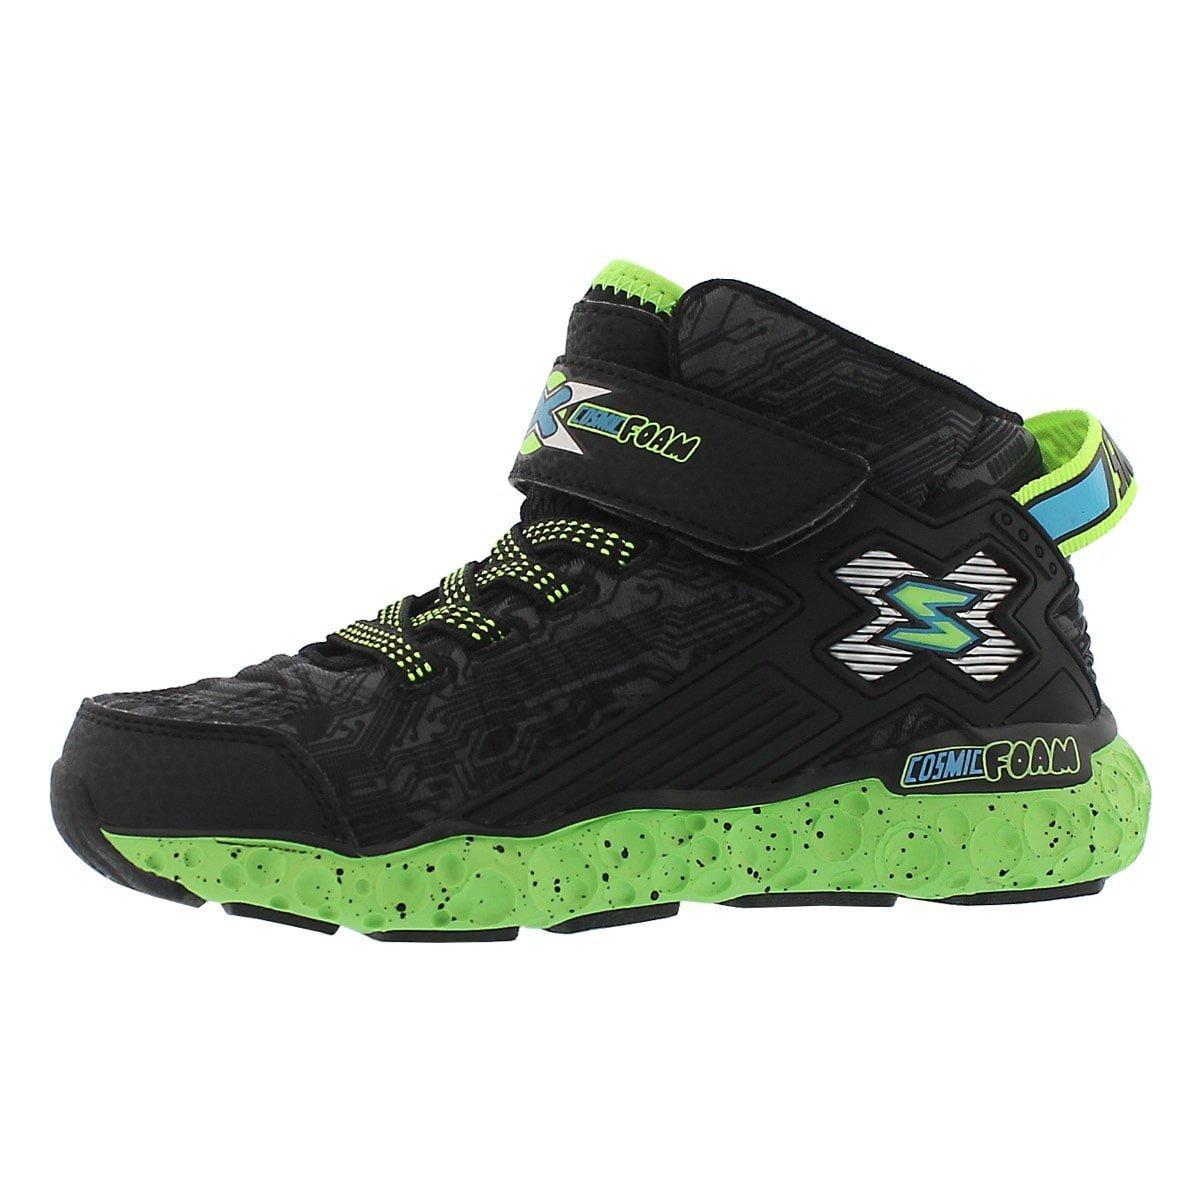 Skechers Boys' Cosmic Foam Sneaker Blk/Lime 13 M US